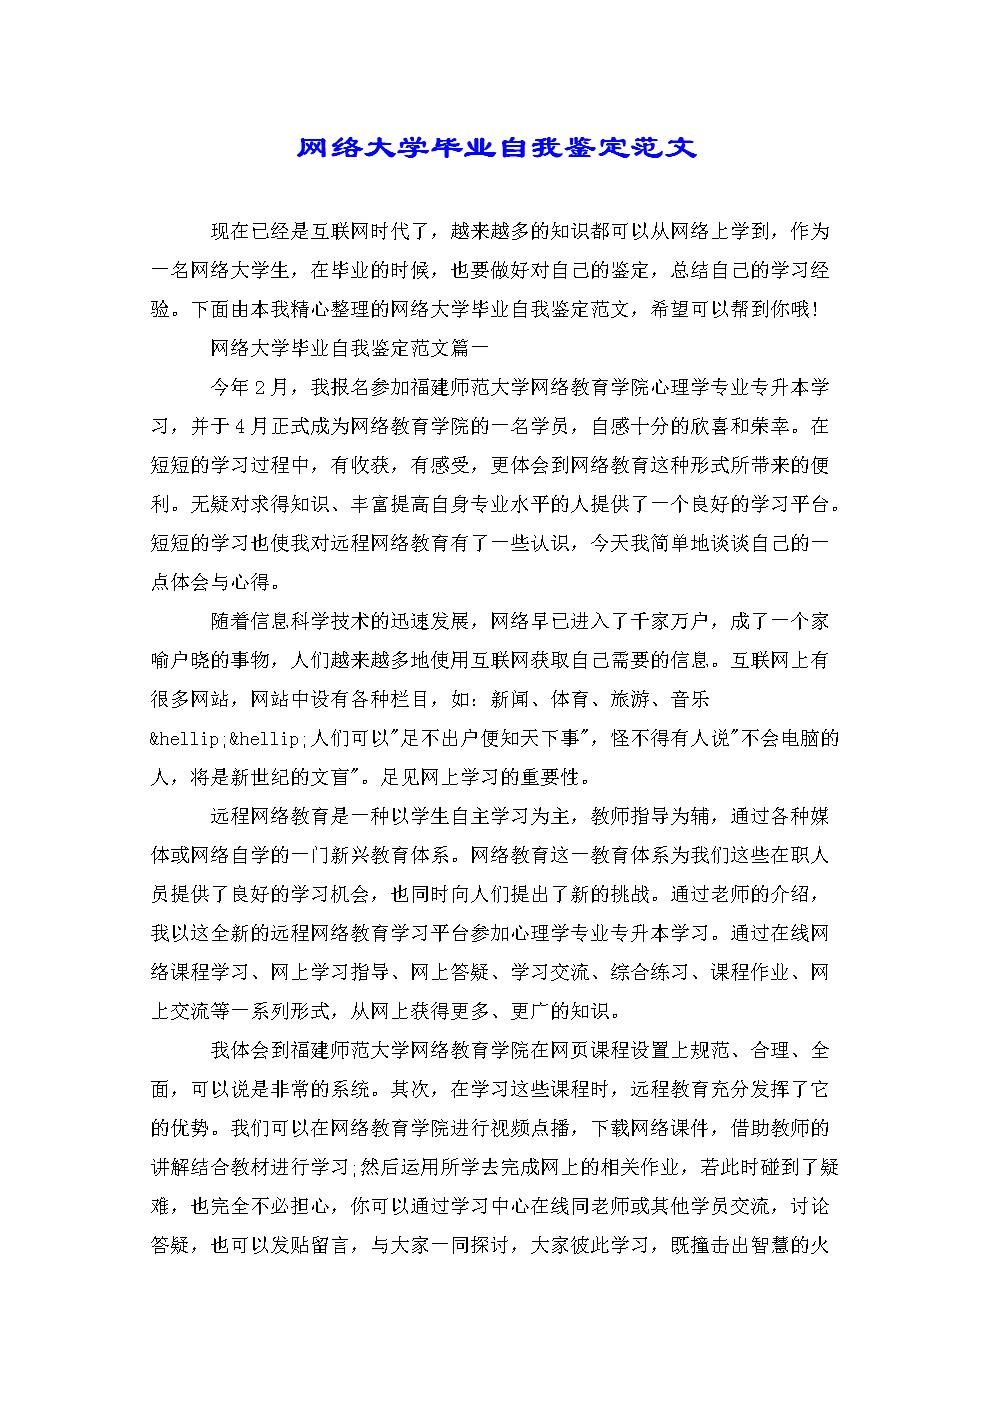 网络大学毕业自我鉴定范文.doc